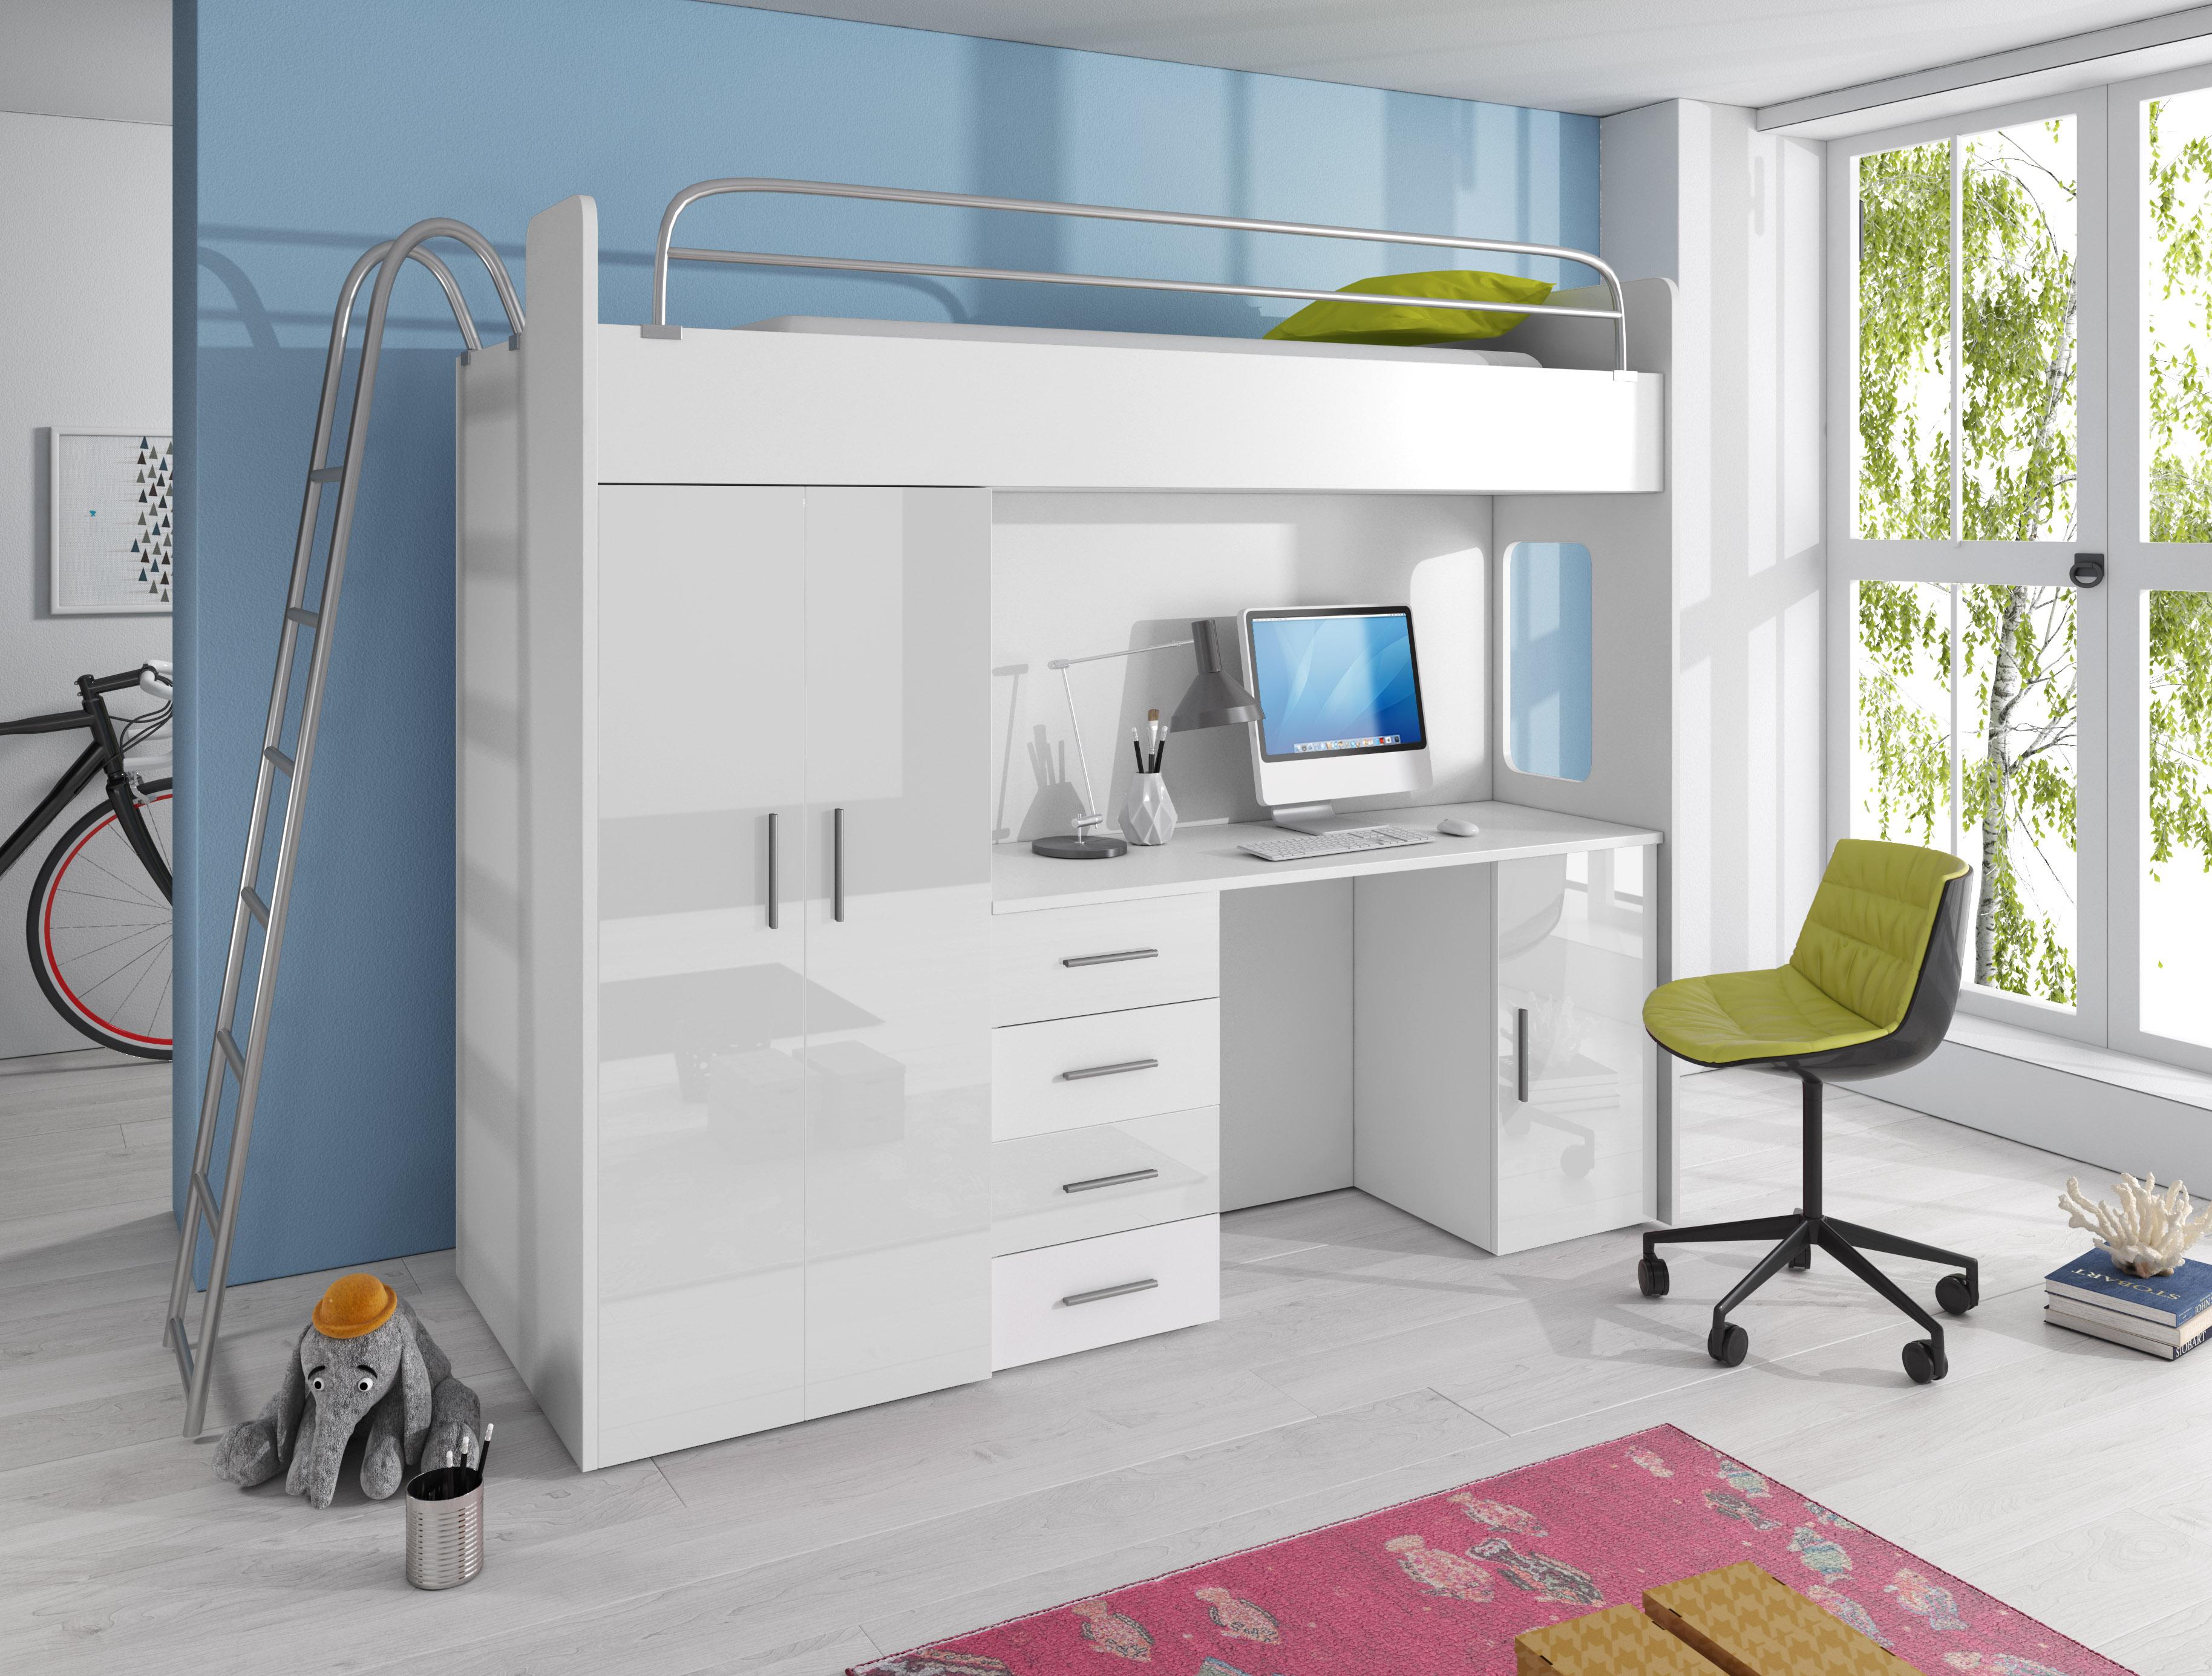 Dětská postel - Ruby IV D (Bílá + Bílá) (s matrací a roštem)